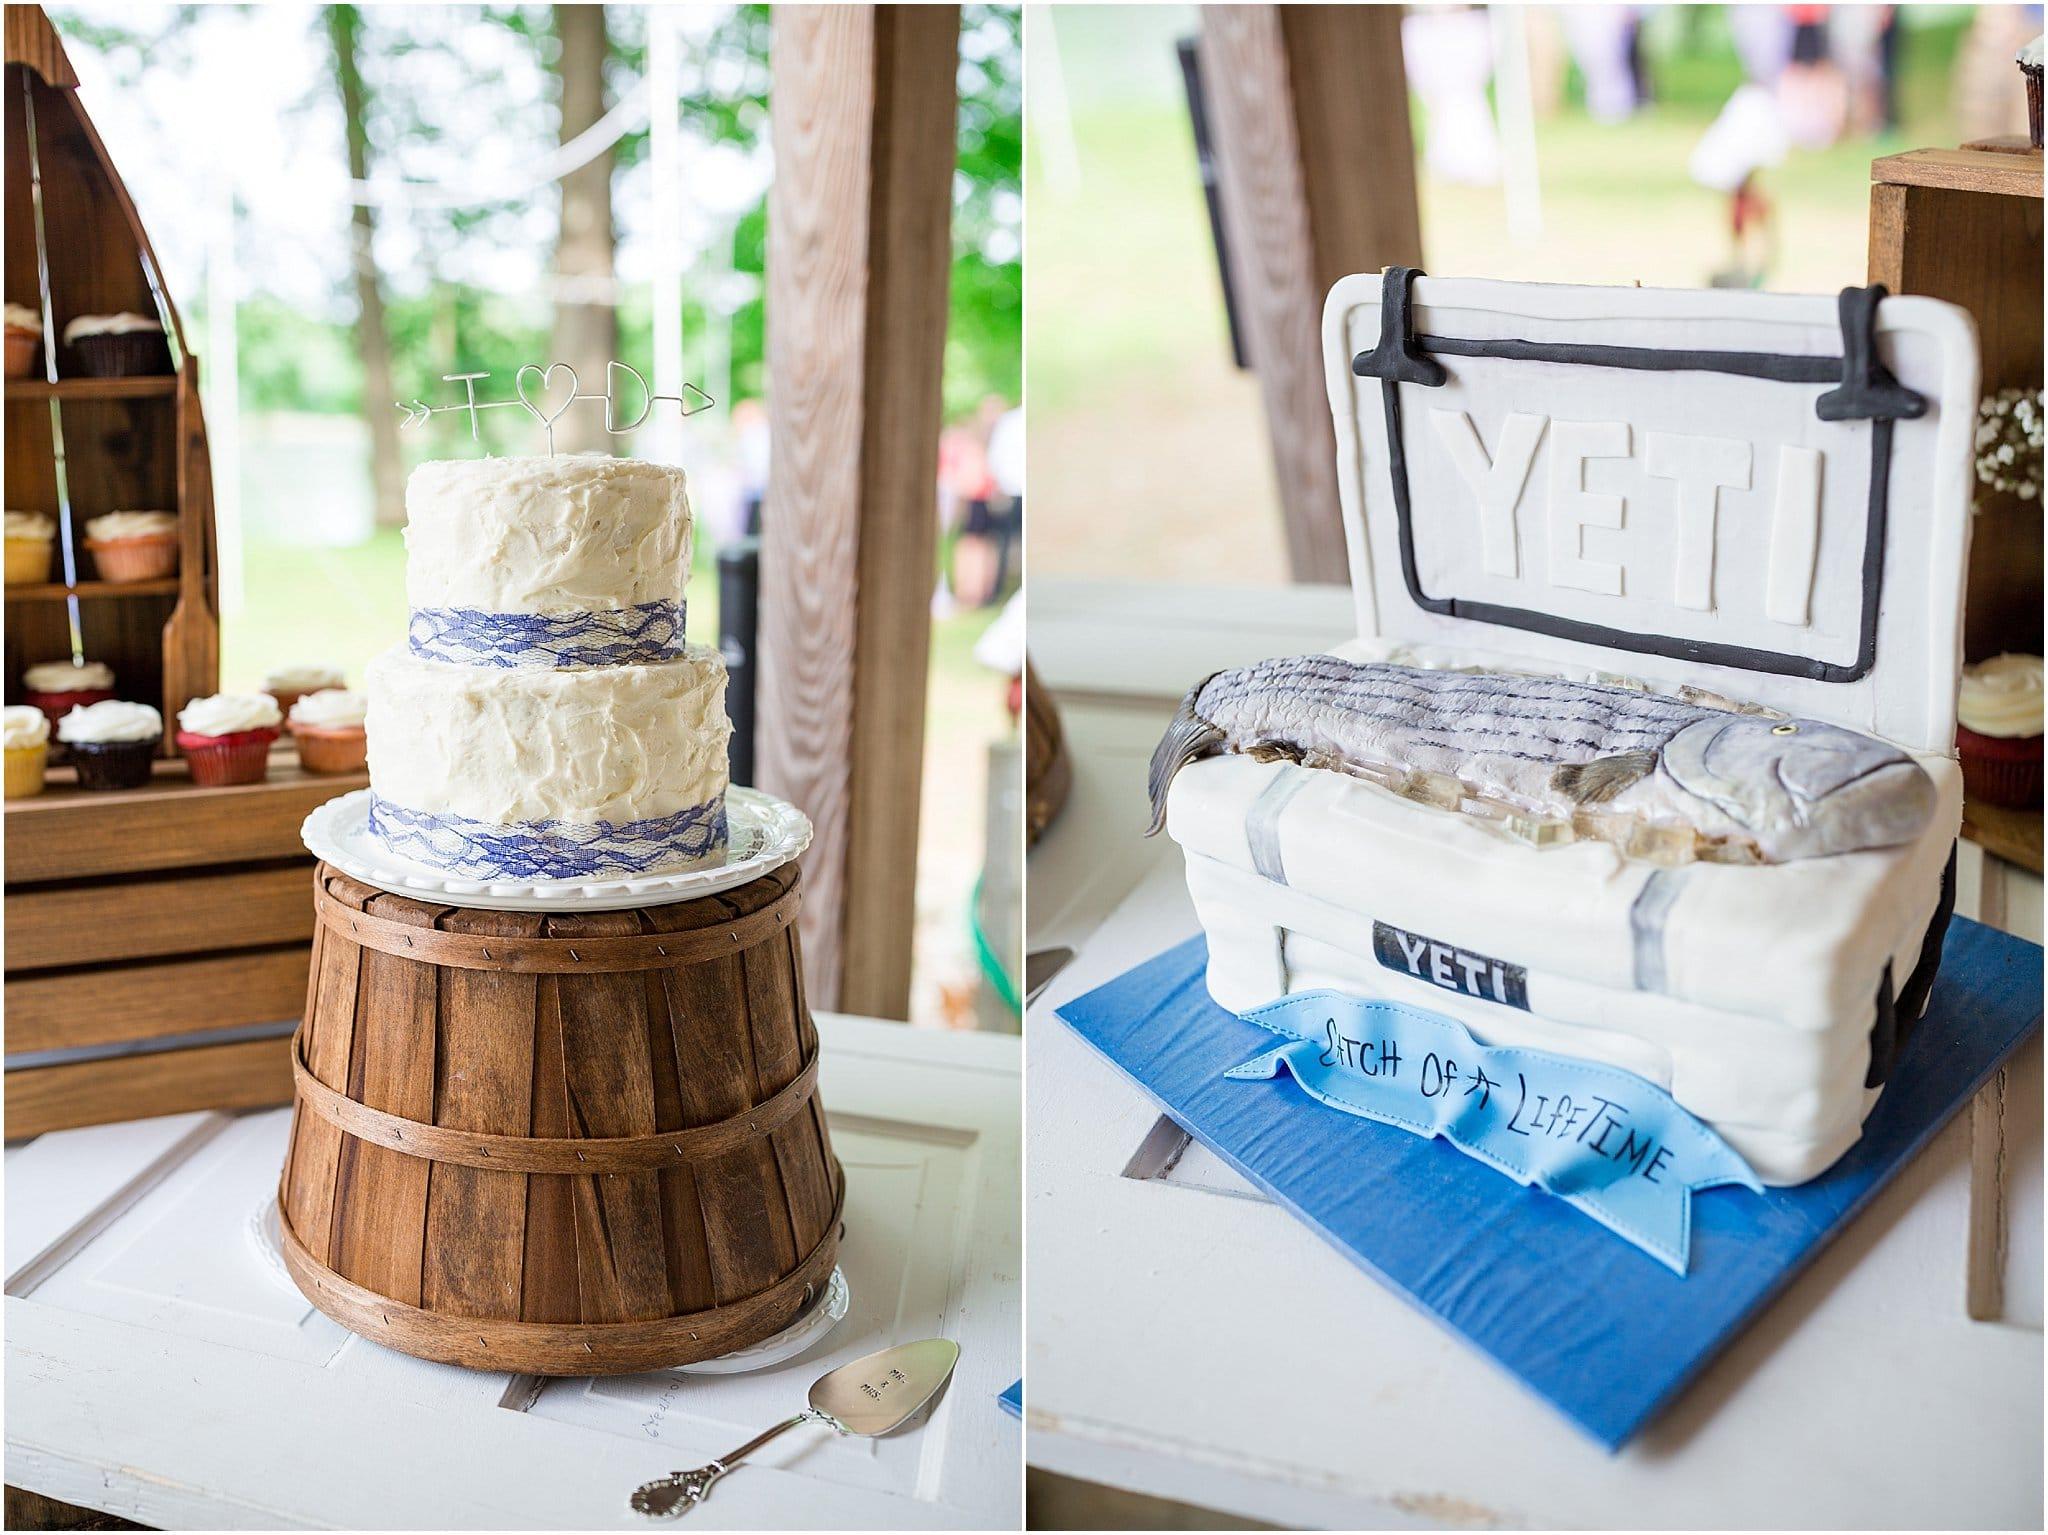 cole-wye-island-wedding-cassidymrphotography_0089